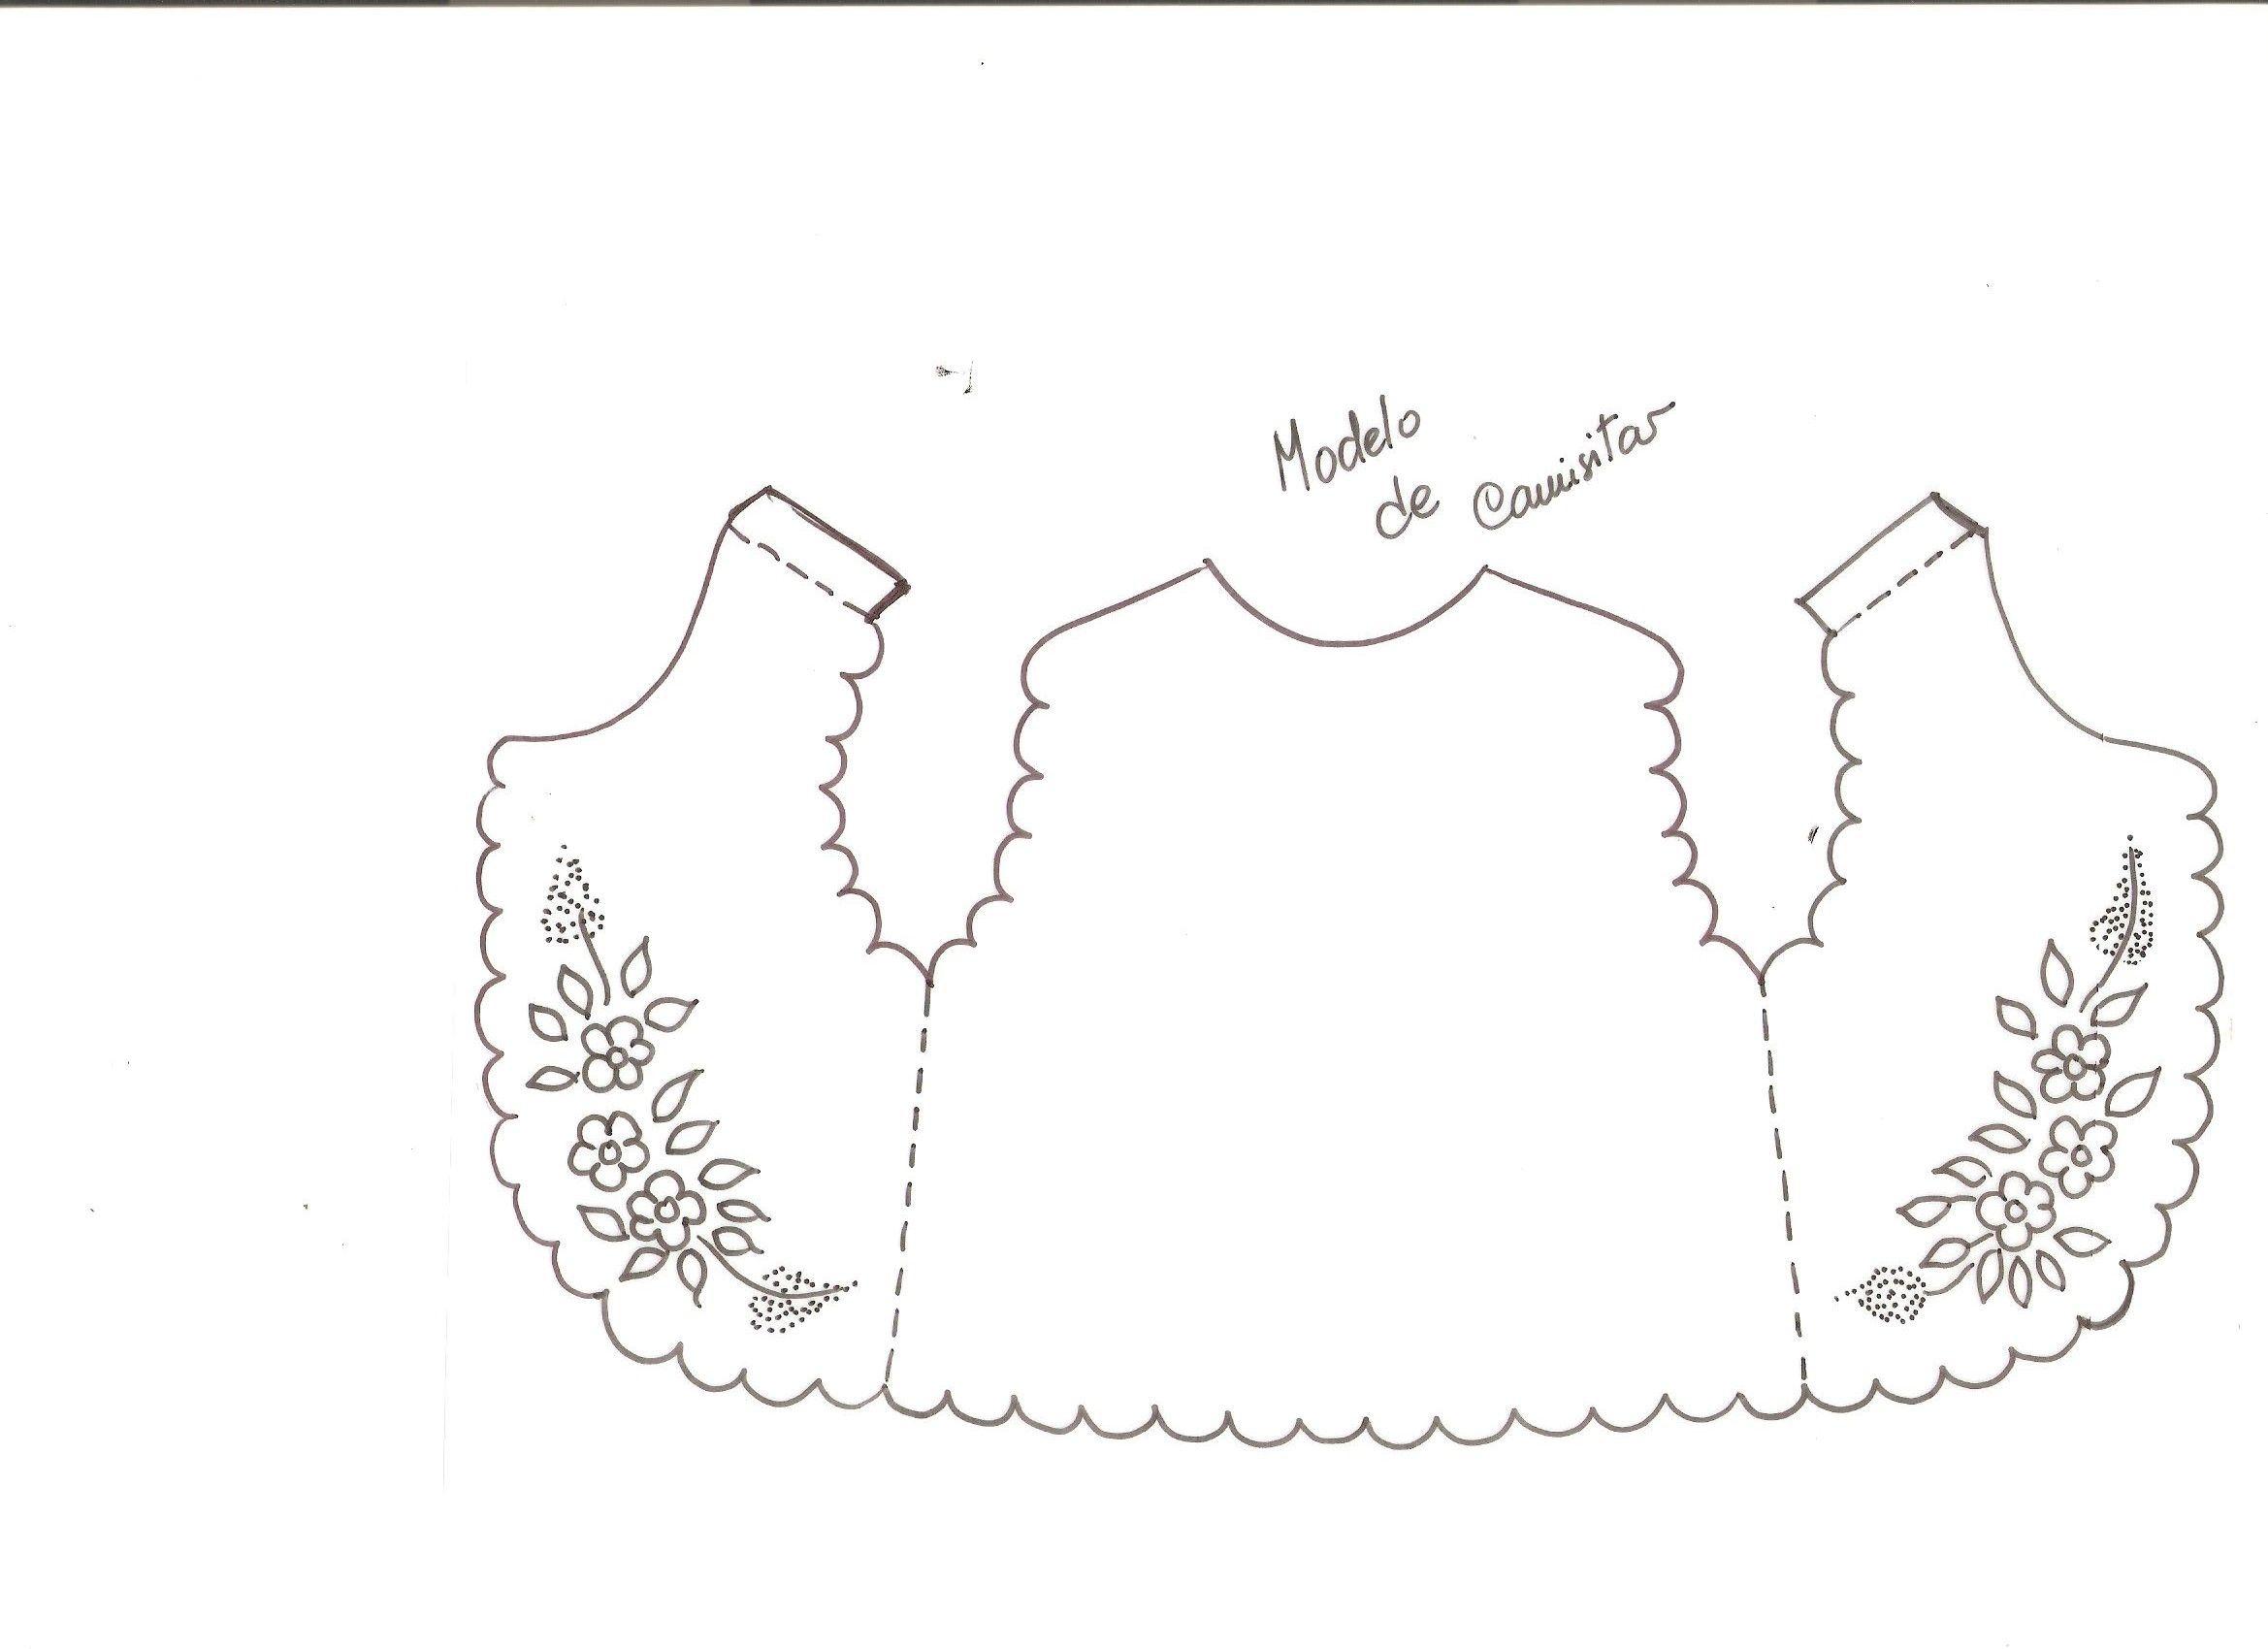 Pin de Mari Andino en save | Pinterest | Bebe, Bordados para bebes y ...